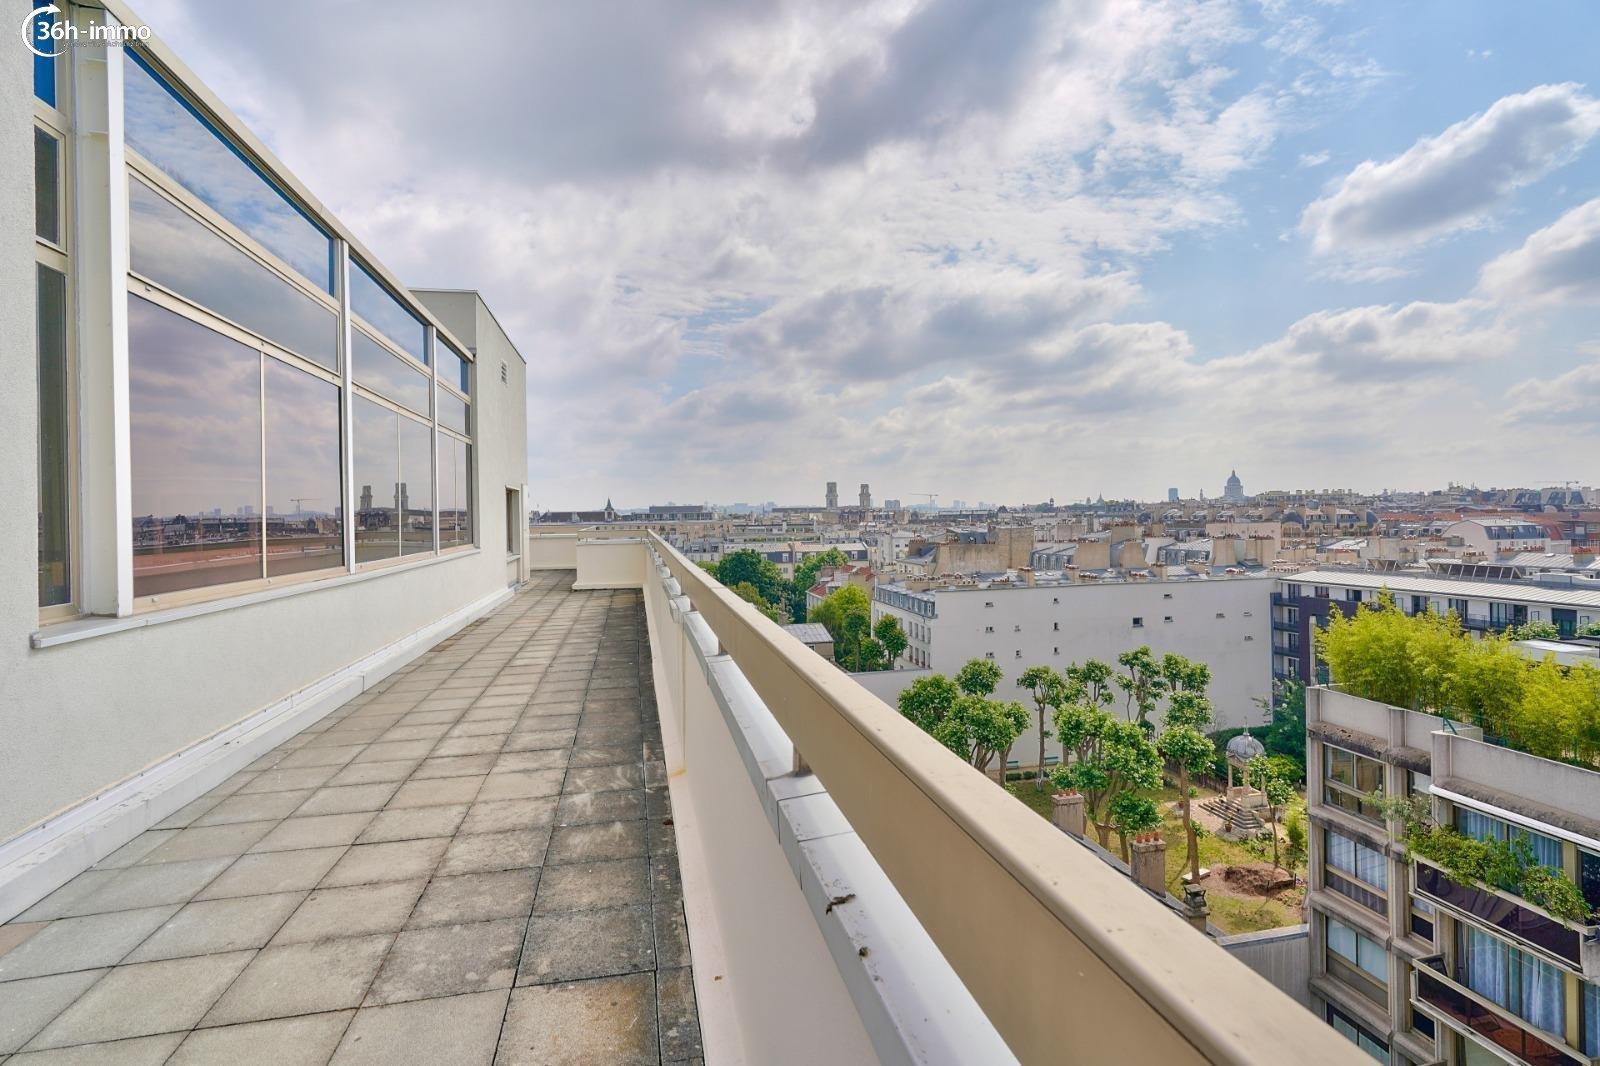 Appartement Paris 6e arrondissement 75006 Paris 42 m<sup>2</sup> 2 pi&eagrave;ces 650000 euros